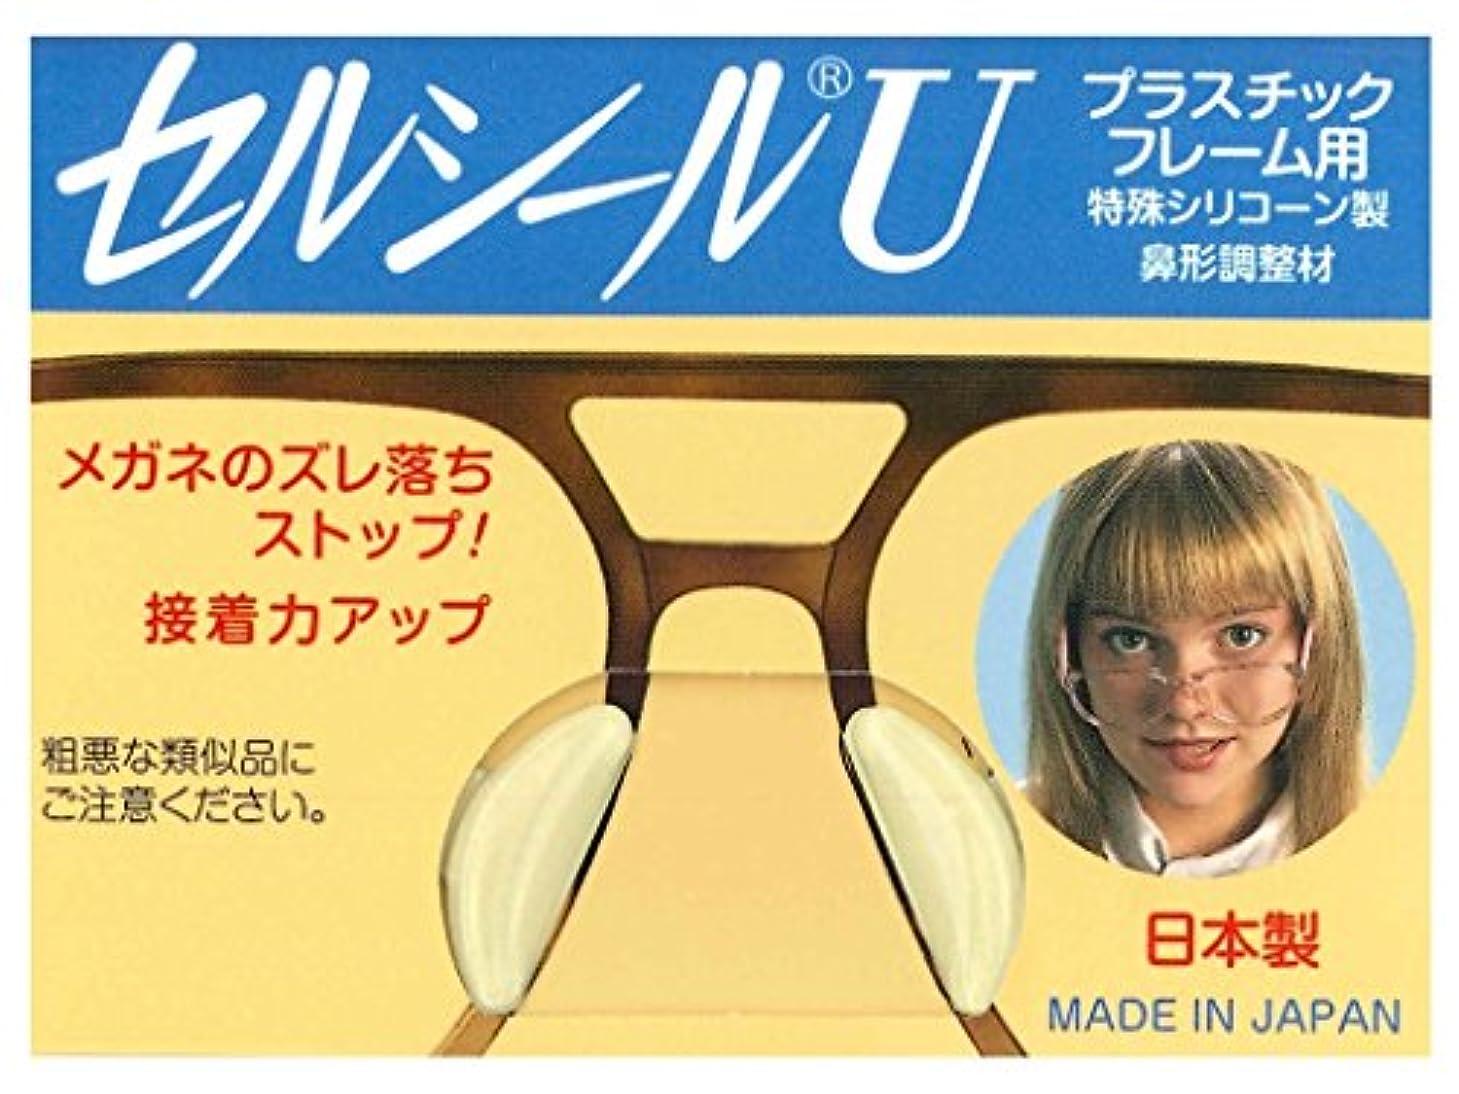 キャラクター振り子方向セルシールU 10ペア LLサイズ 【鼻あて部分がプラスチックの場合メガネずり落ち防止】